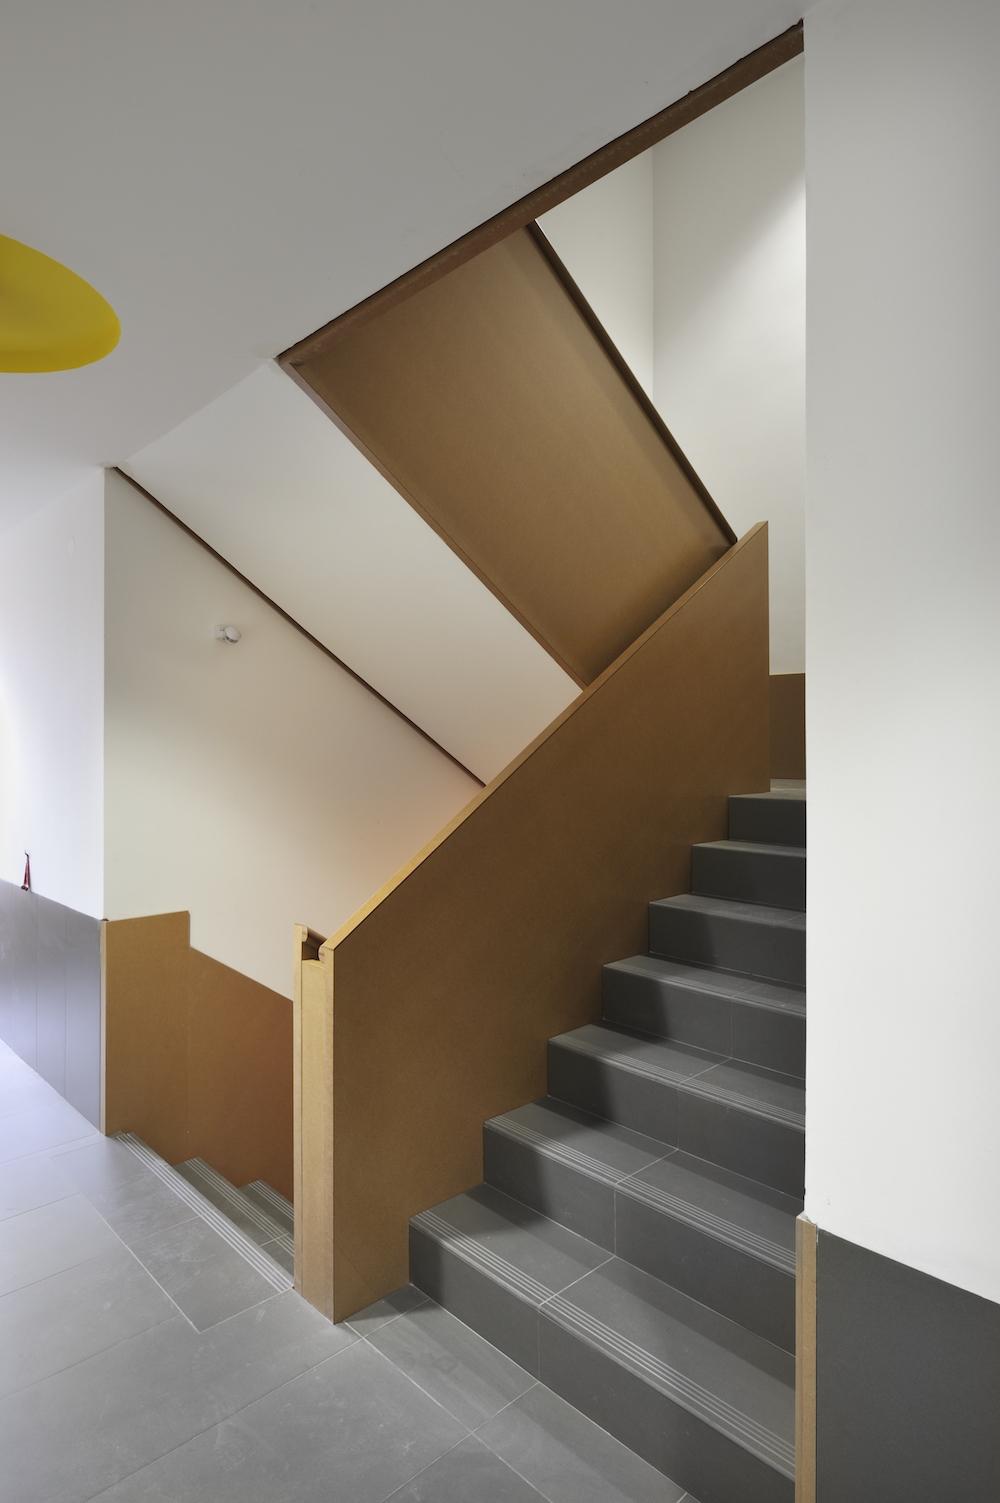 dans arhitekti  bivalne enote ljubljana